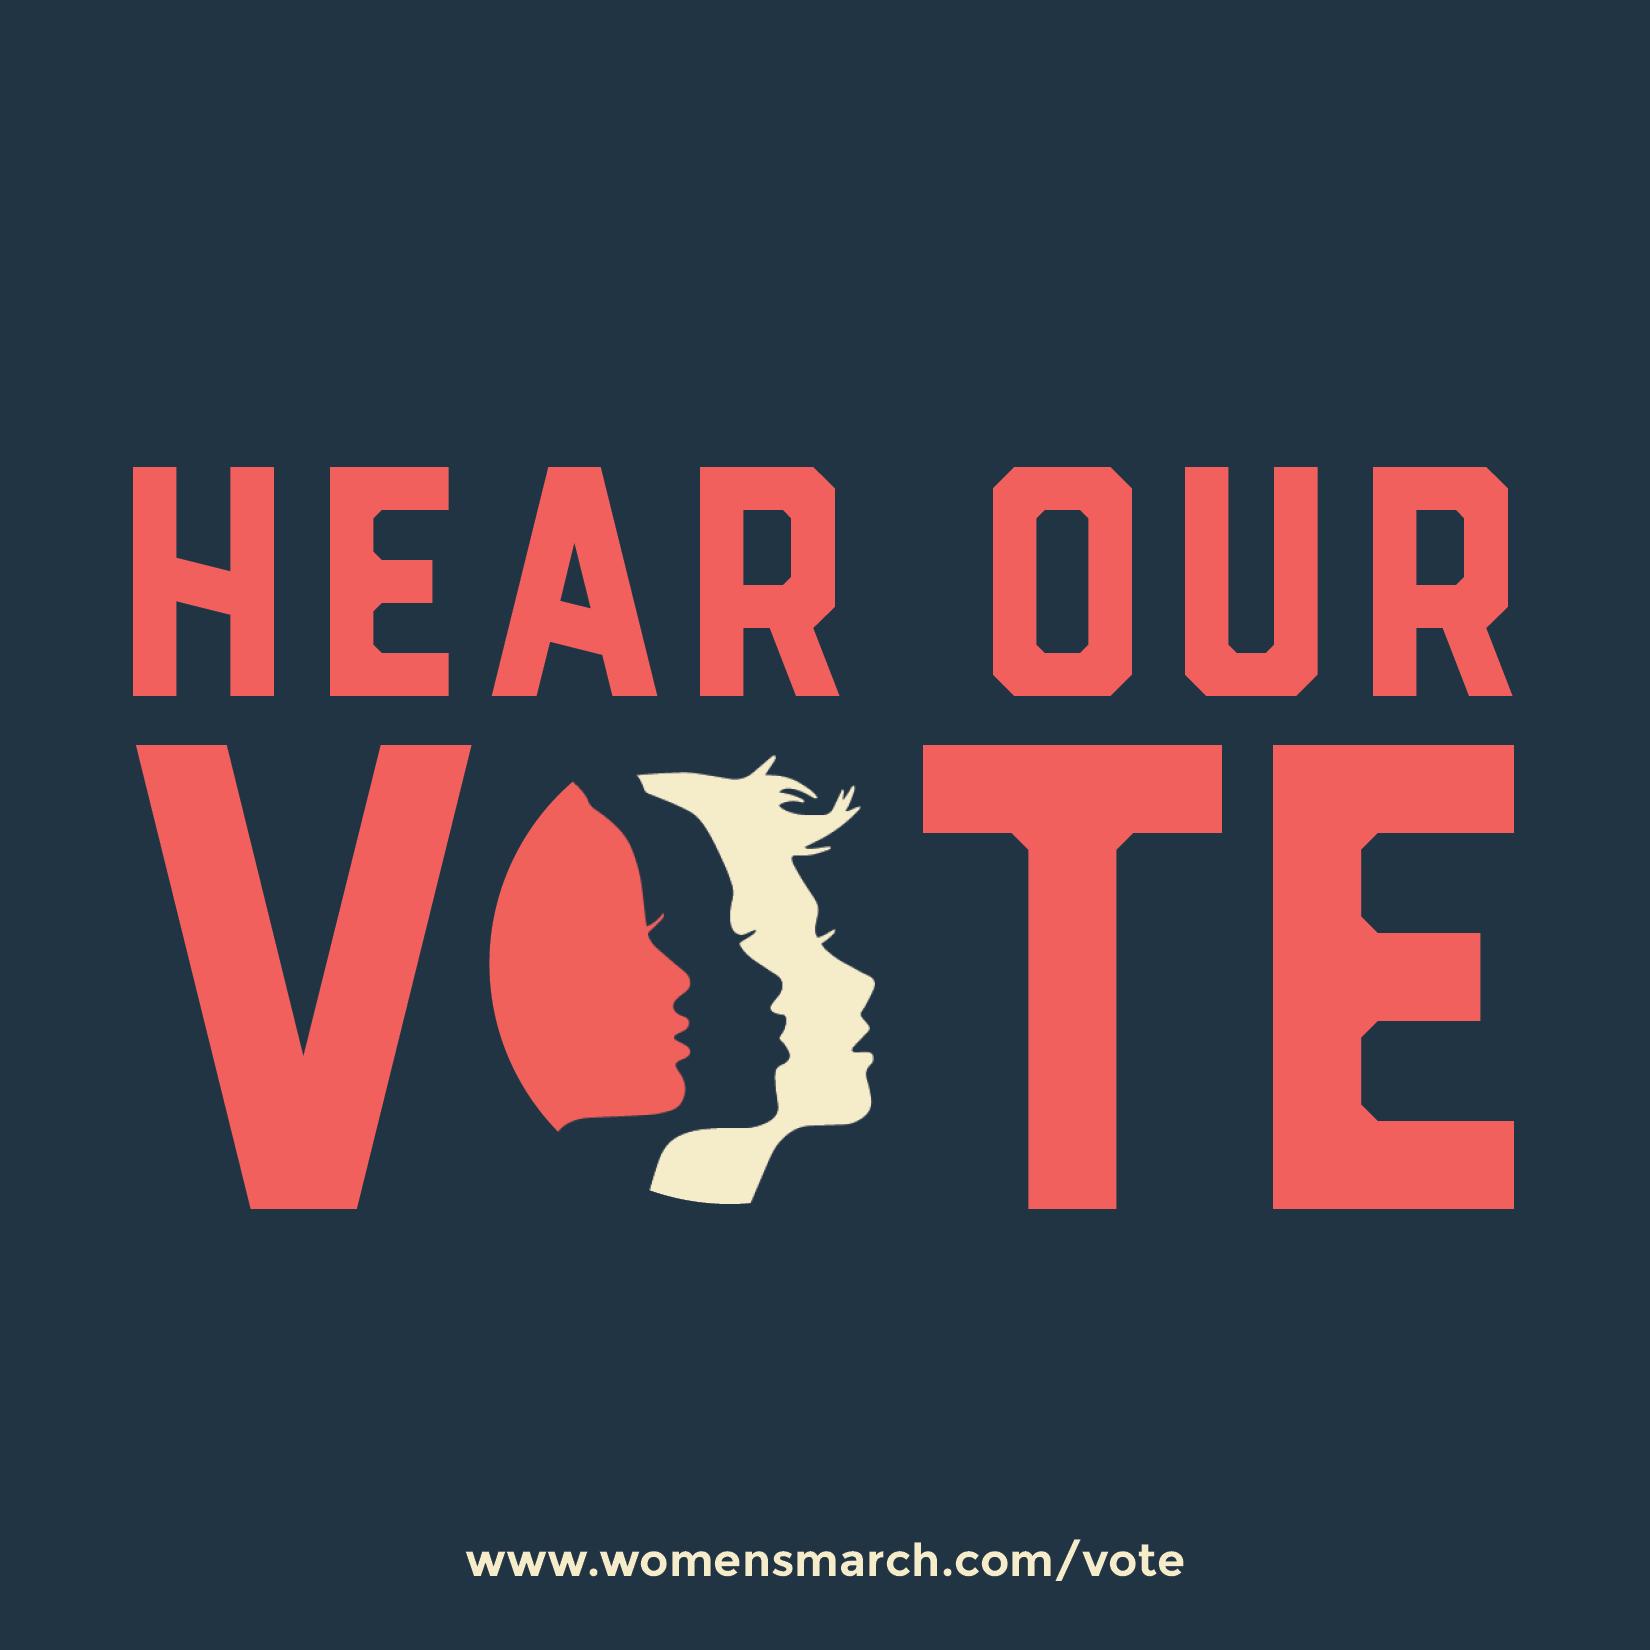 Hear_our_vote